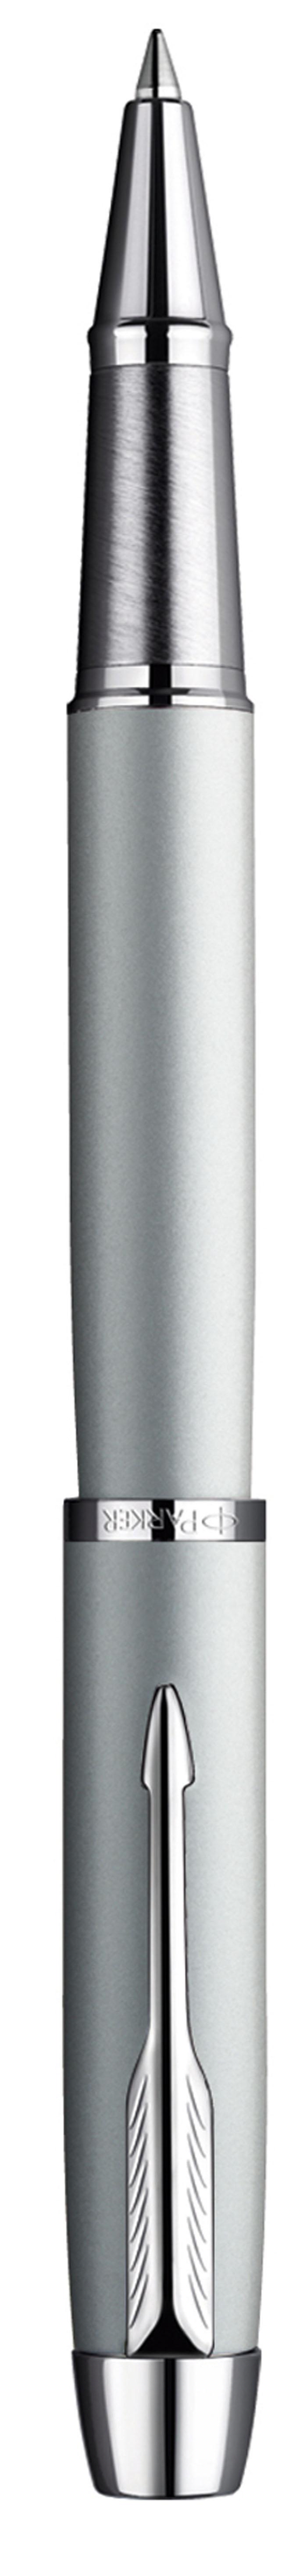 Роллер IM Silver CT. PARKER-S08563701108103Ручка-роллер Паркер Ай Эм Силвер Си Ти. Инструмент для письма, линия письма - тонкая, цвет чернил черный. Произведено в Китае.